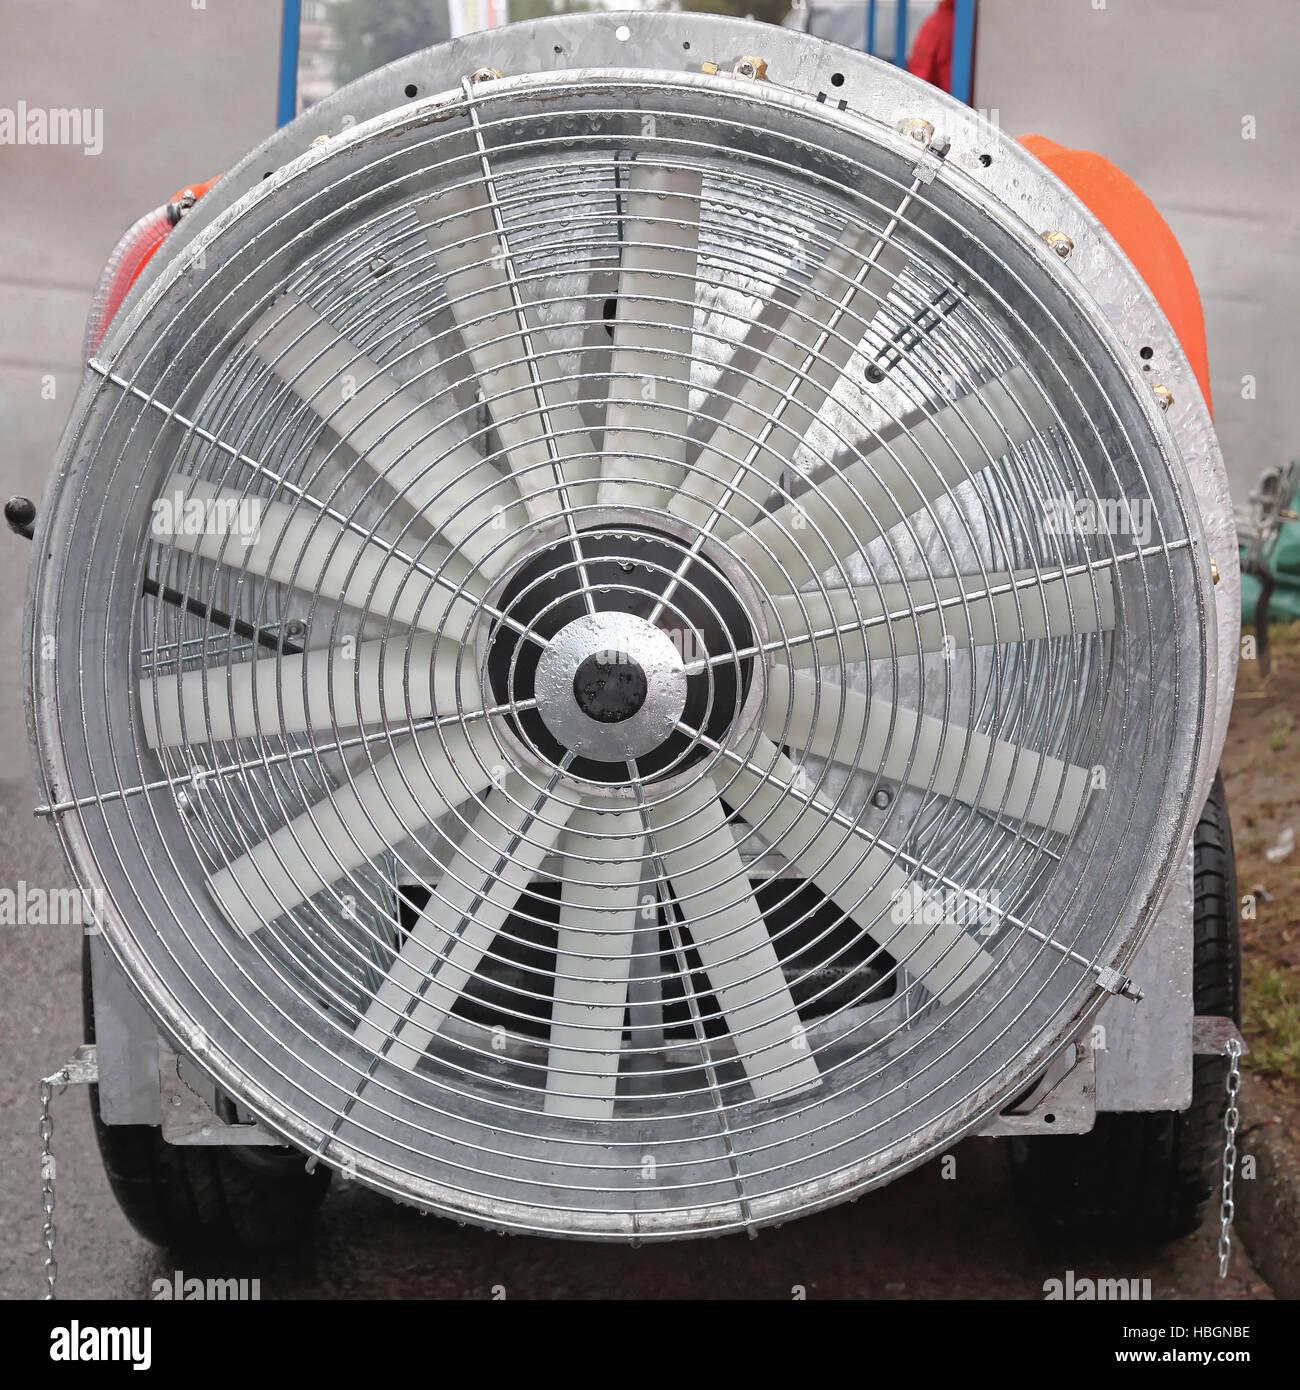 Axial Fan - Stock Image